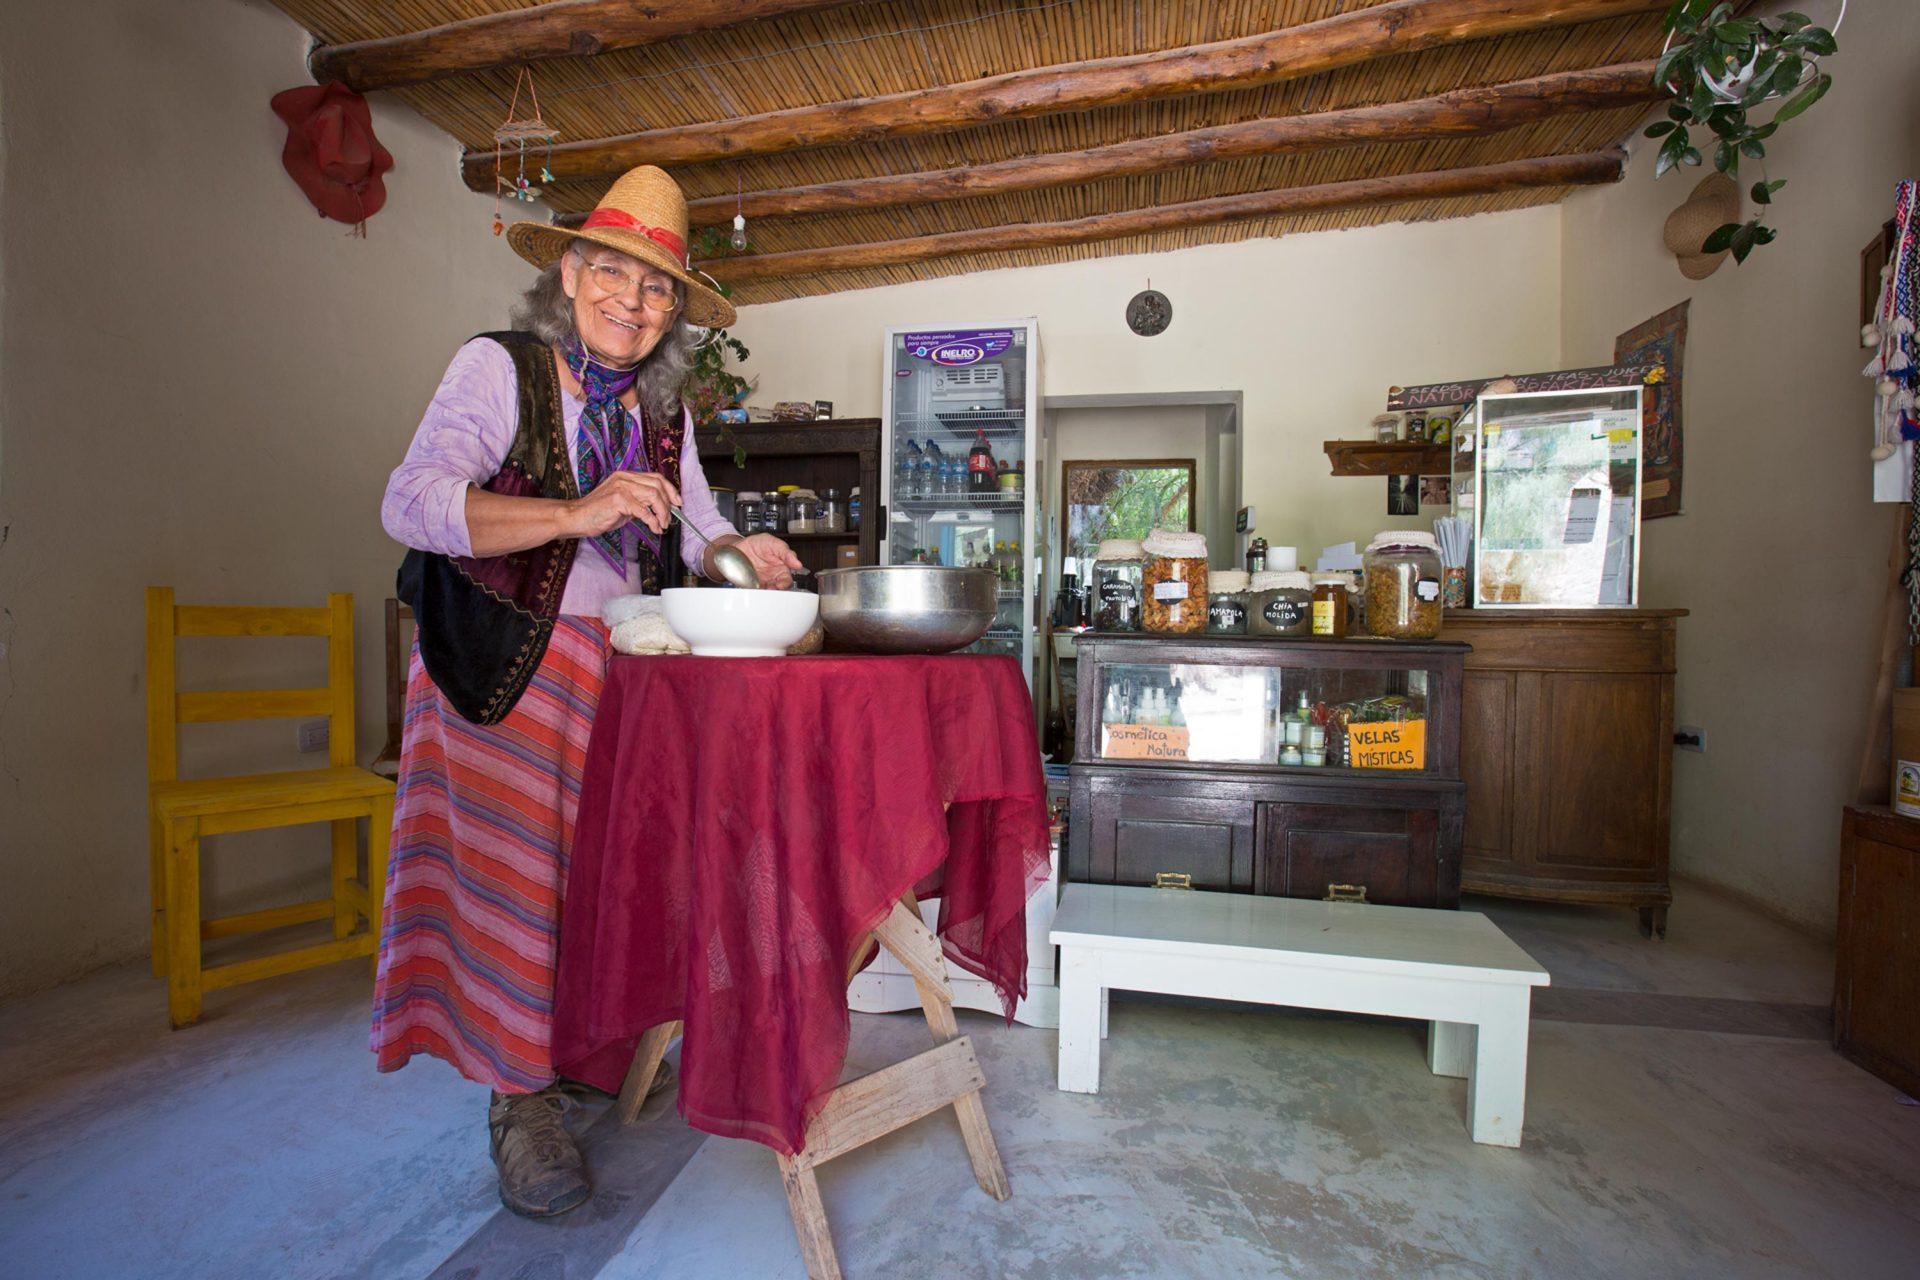 abuela Rosa y su súper granola artesanal en Tilcara